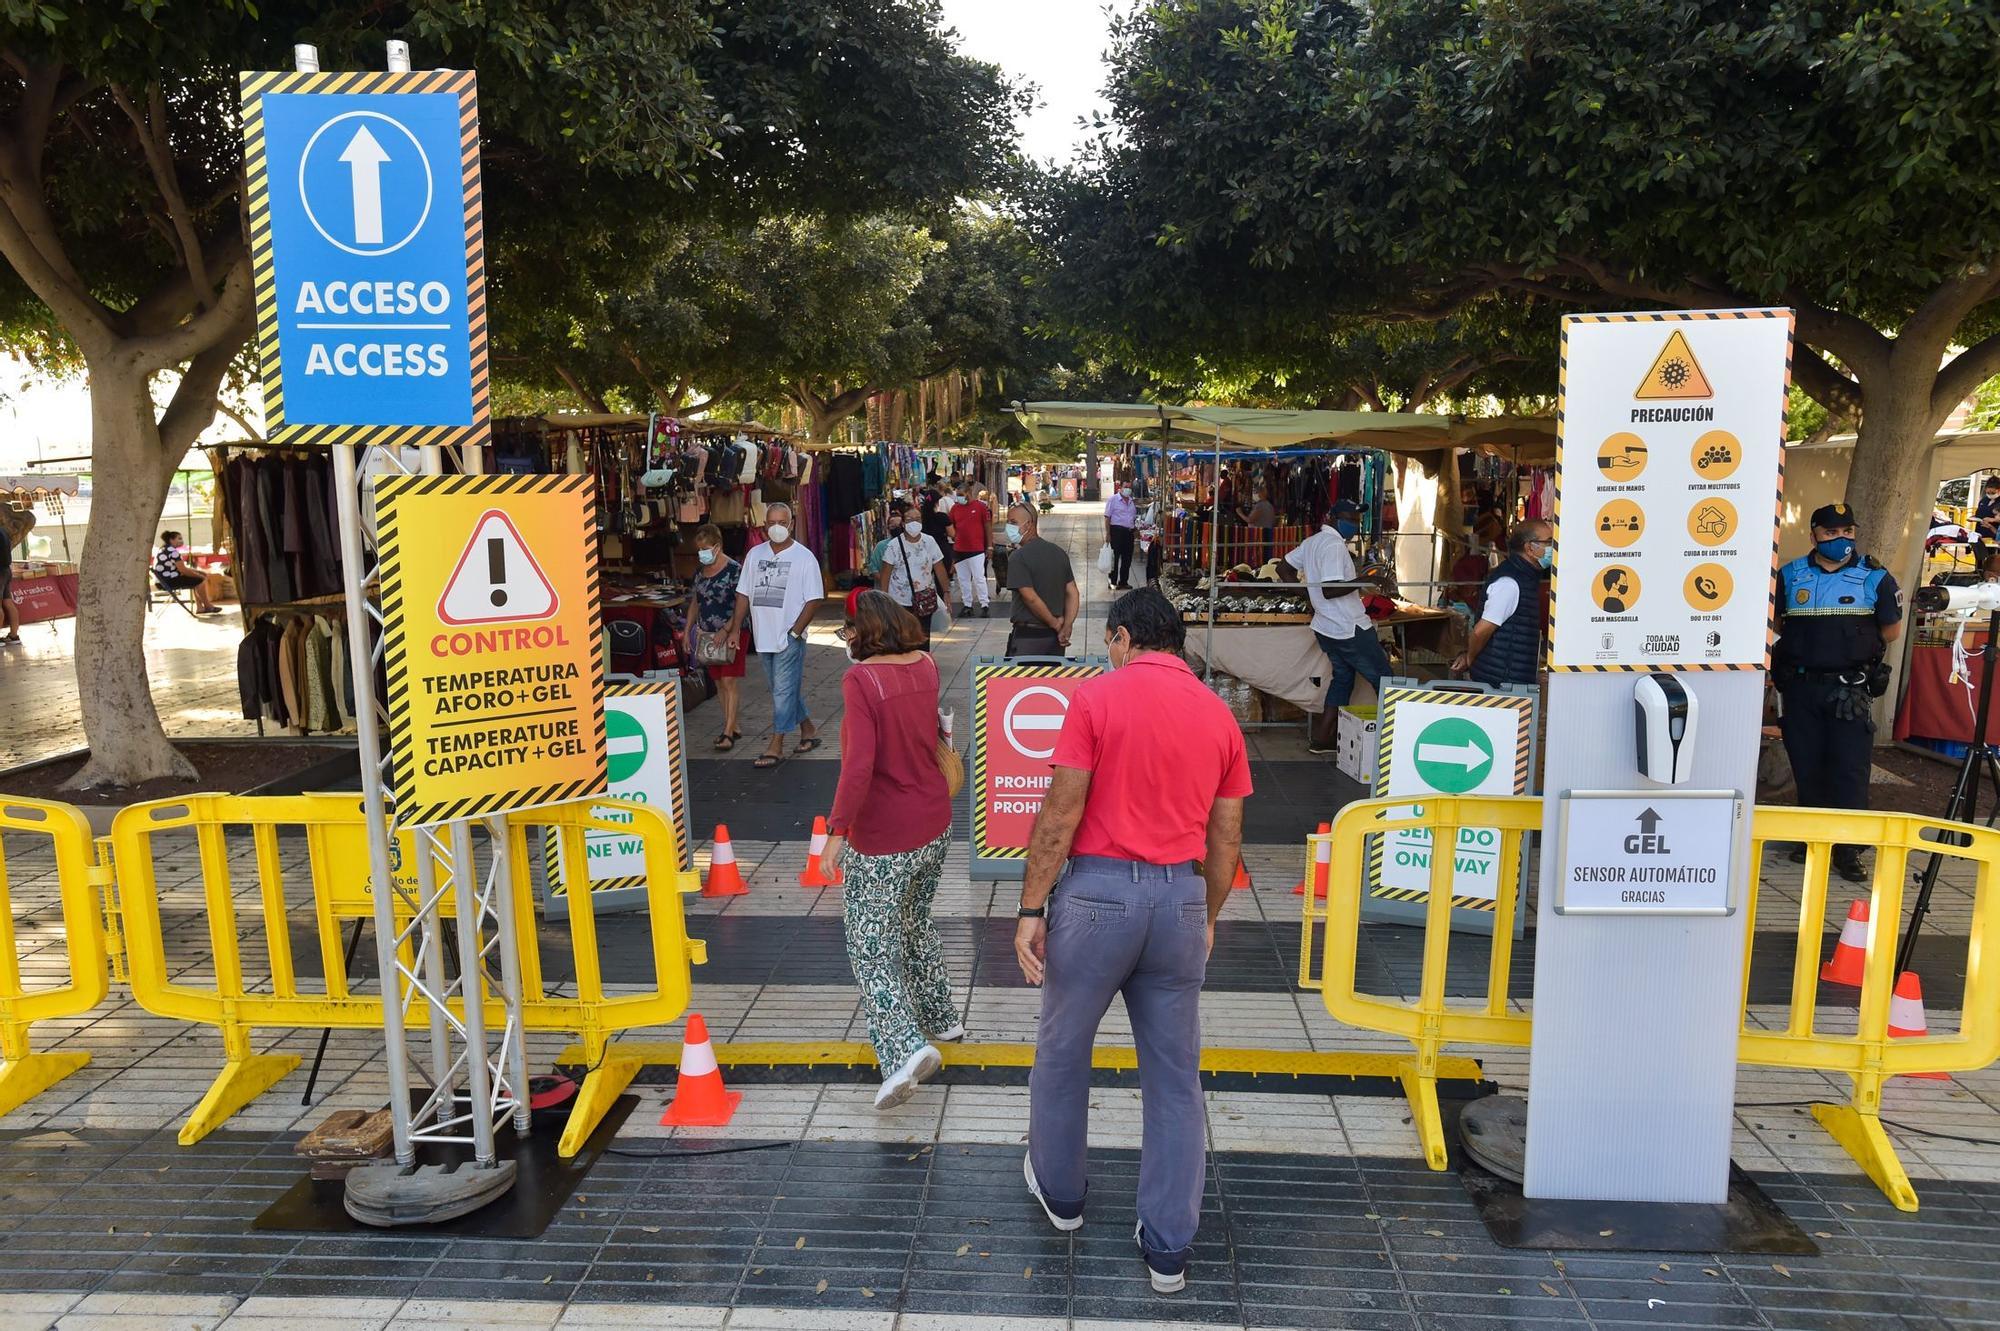 Domingo tranquilo en Las Palmas de Gran Canaria (18/10/20)